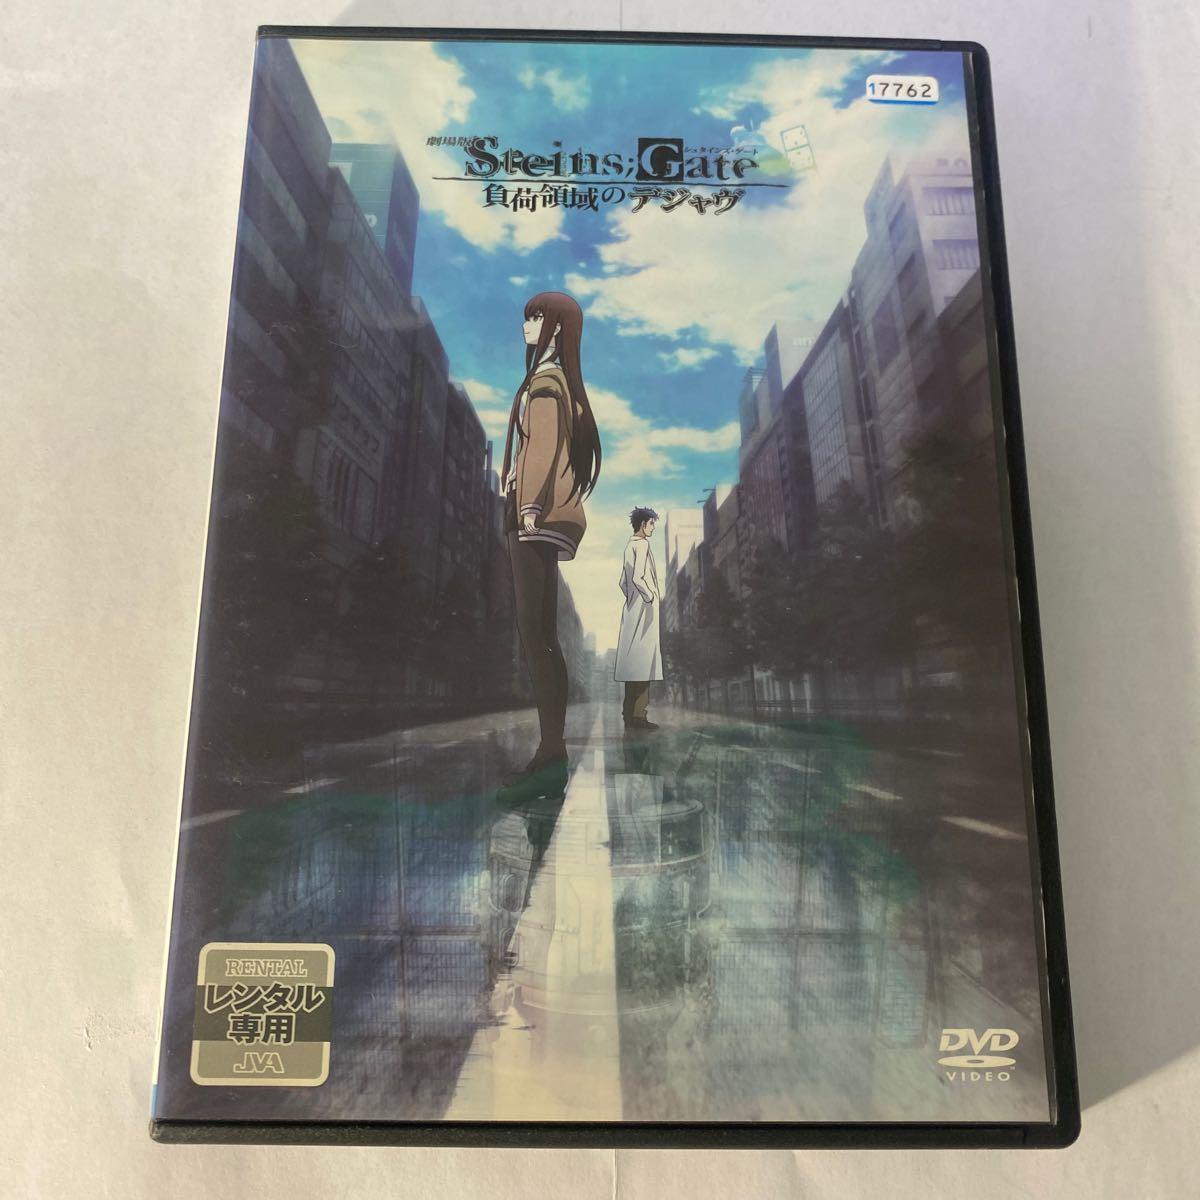 劇場版 STEINS;GATE シュタインズゲート 負荷領域のデジャヴ レンタル落ち 中古 DVDレンタル